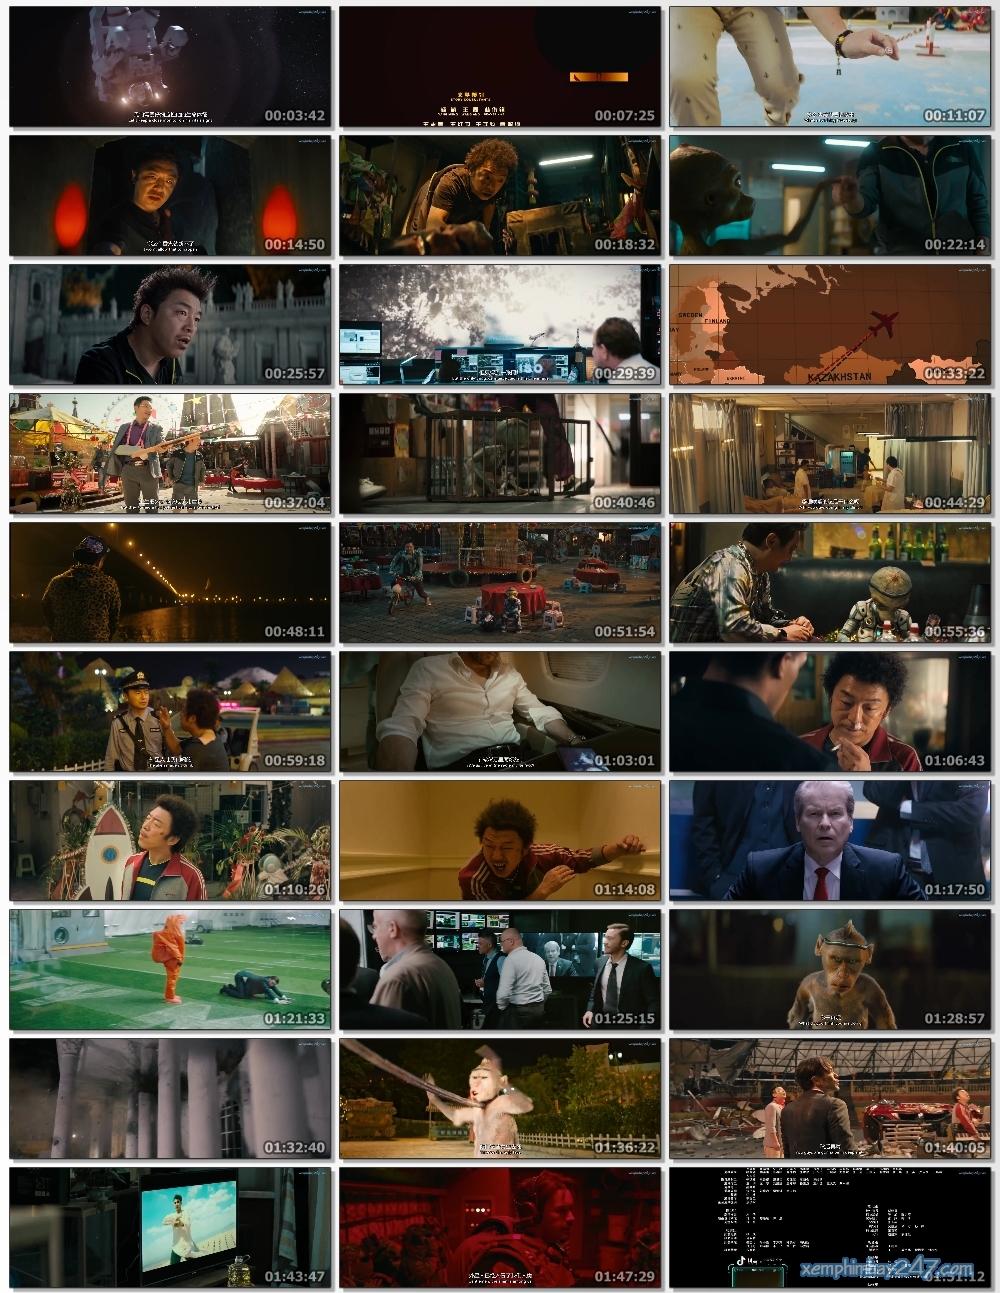 http://xemphimhay247.com - Xem phim hay 247 - Người Ngoài Hành Tinh Điên Cuồng (2019) - Crazy Alien (2019)